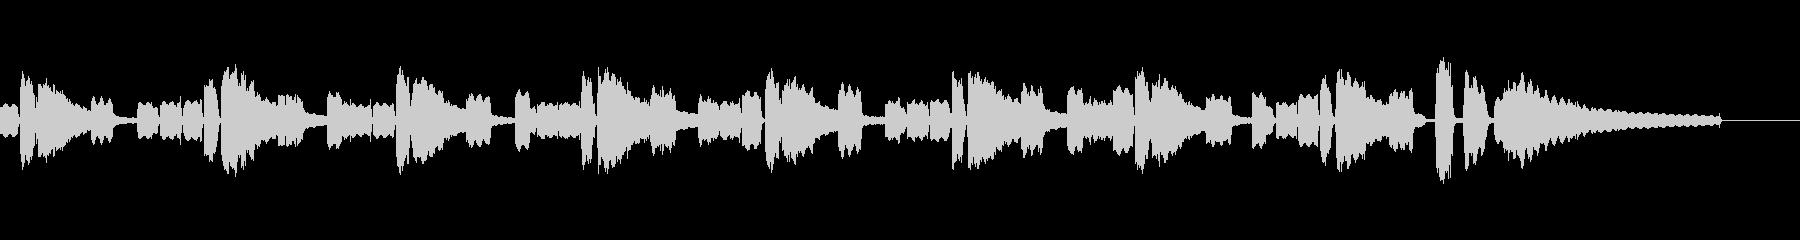 電子ピアノのほのぼの気の抜けたジングルの未再生の波形